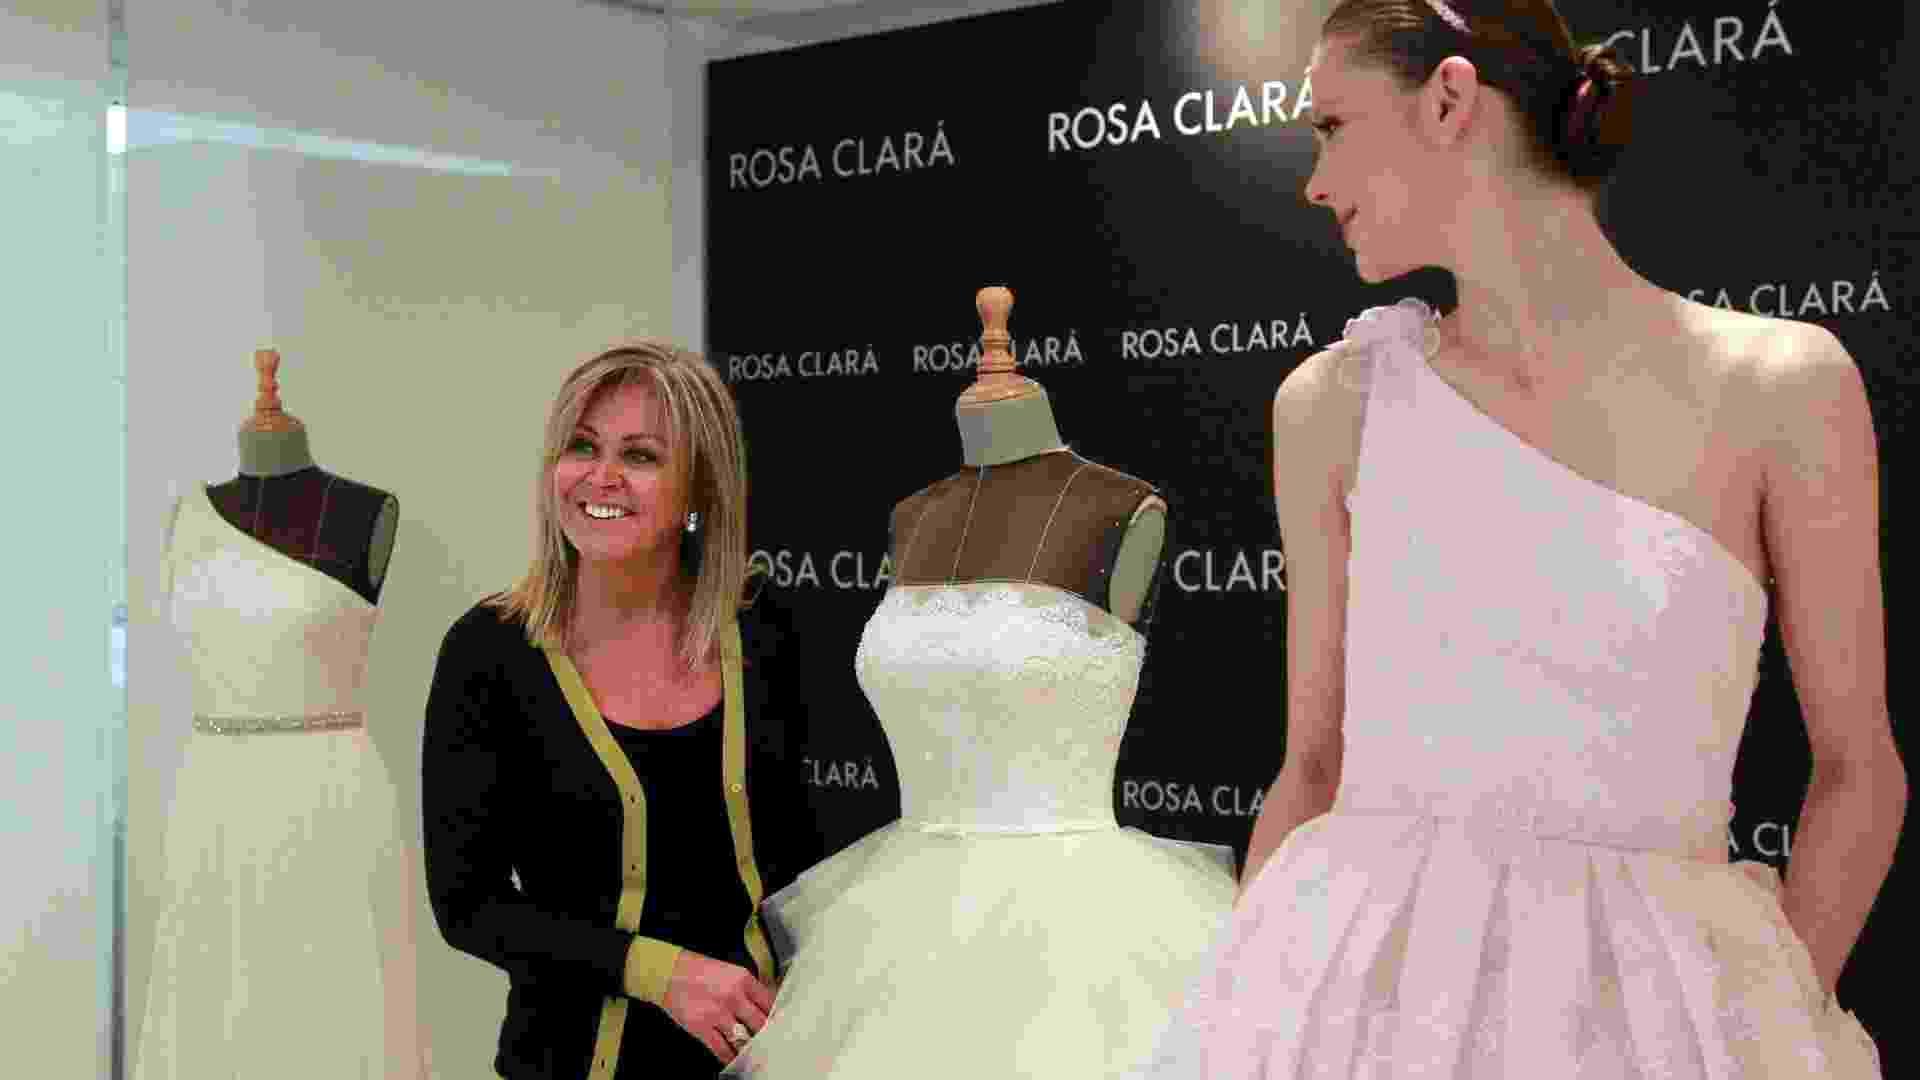 Rosa Clará posa para fotógrafos durante prova dos vestidos (08.05.2012) - Albert Olivé/EFE